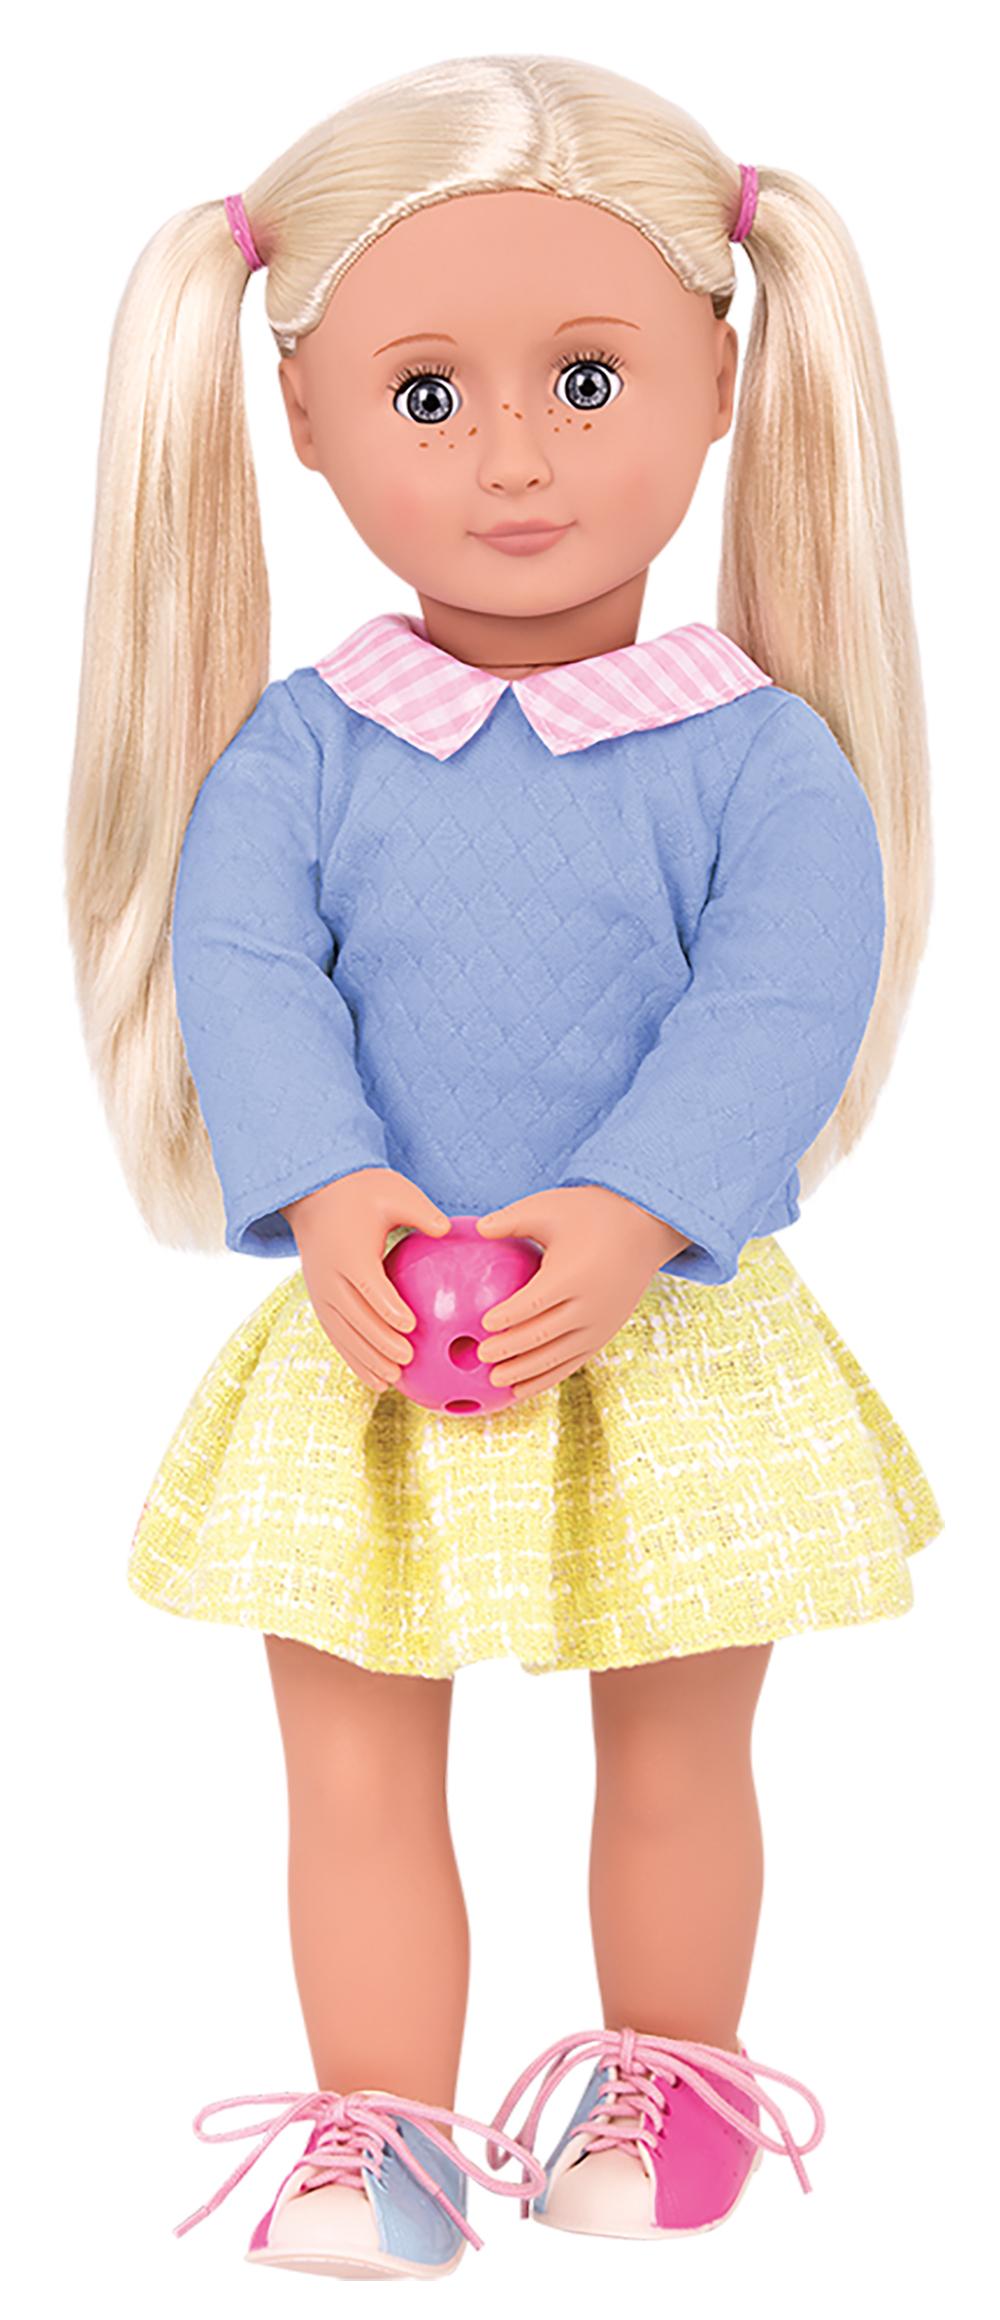 Retro Doll OG - Bonnie Rose 18